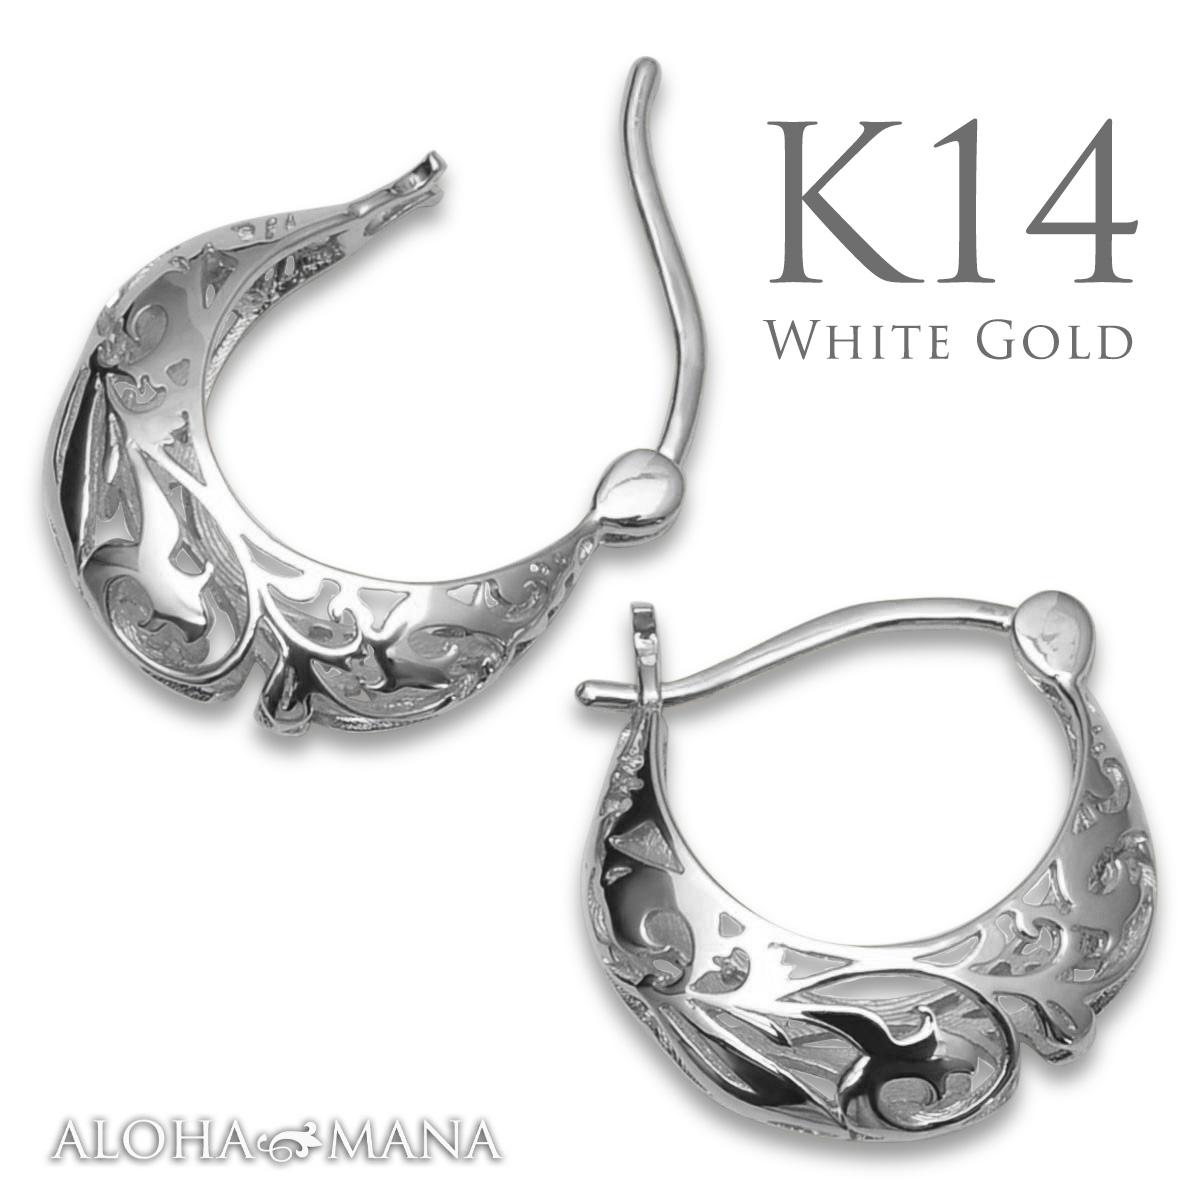 ハワイアンジュエリー 【K14 ホワイトゴールド】 ピアス 透かしフープ ゴールドピアス aer1638gape